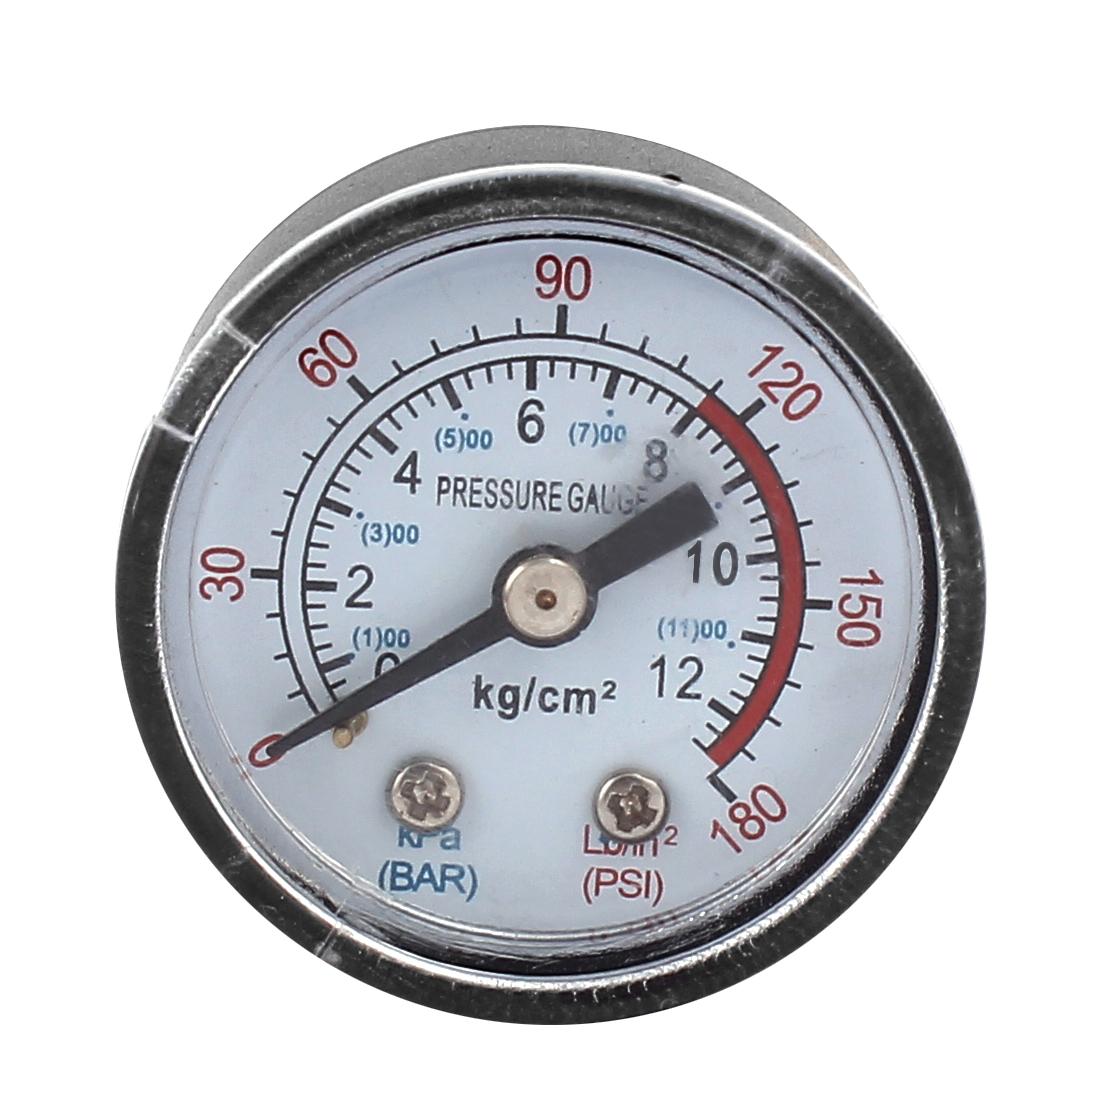 1/8BSP Male Thread Diameter Air Compressor Barometer Measurement Tool 0-12KPa 0-180 Psi